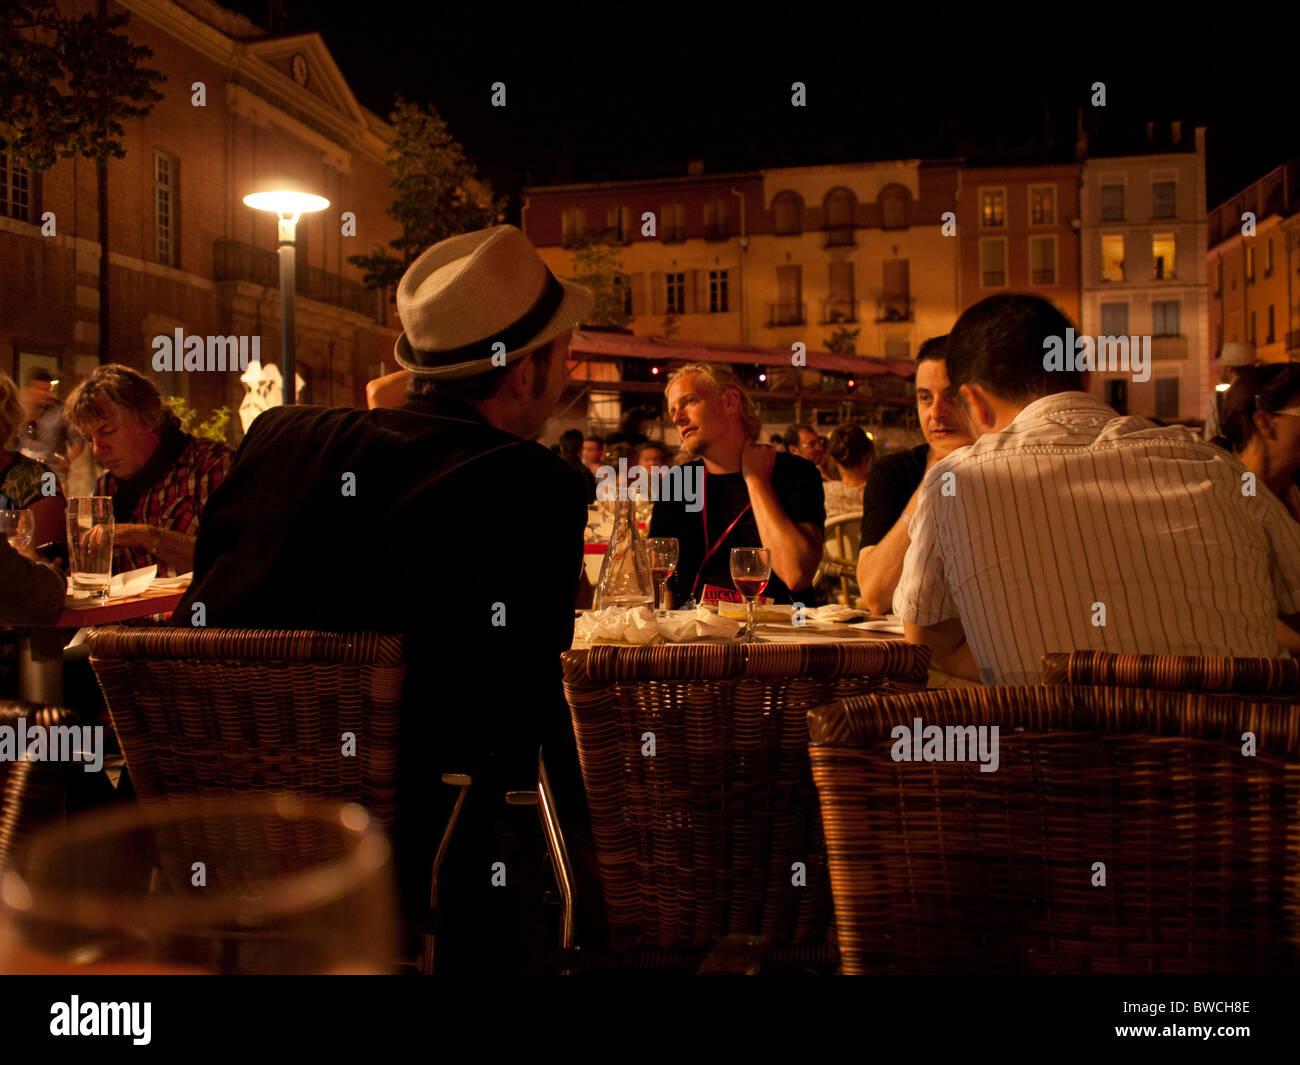 Outdoor restaurant in Place de la République Perpignan France during the evening picture show during festival - Stock Image